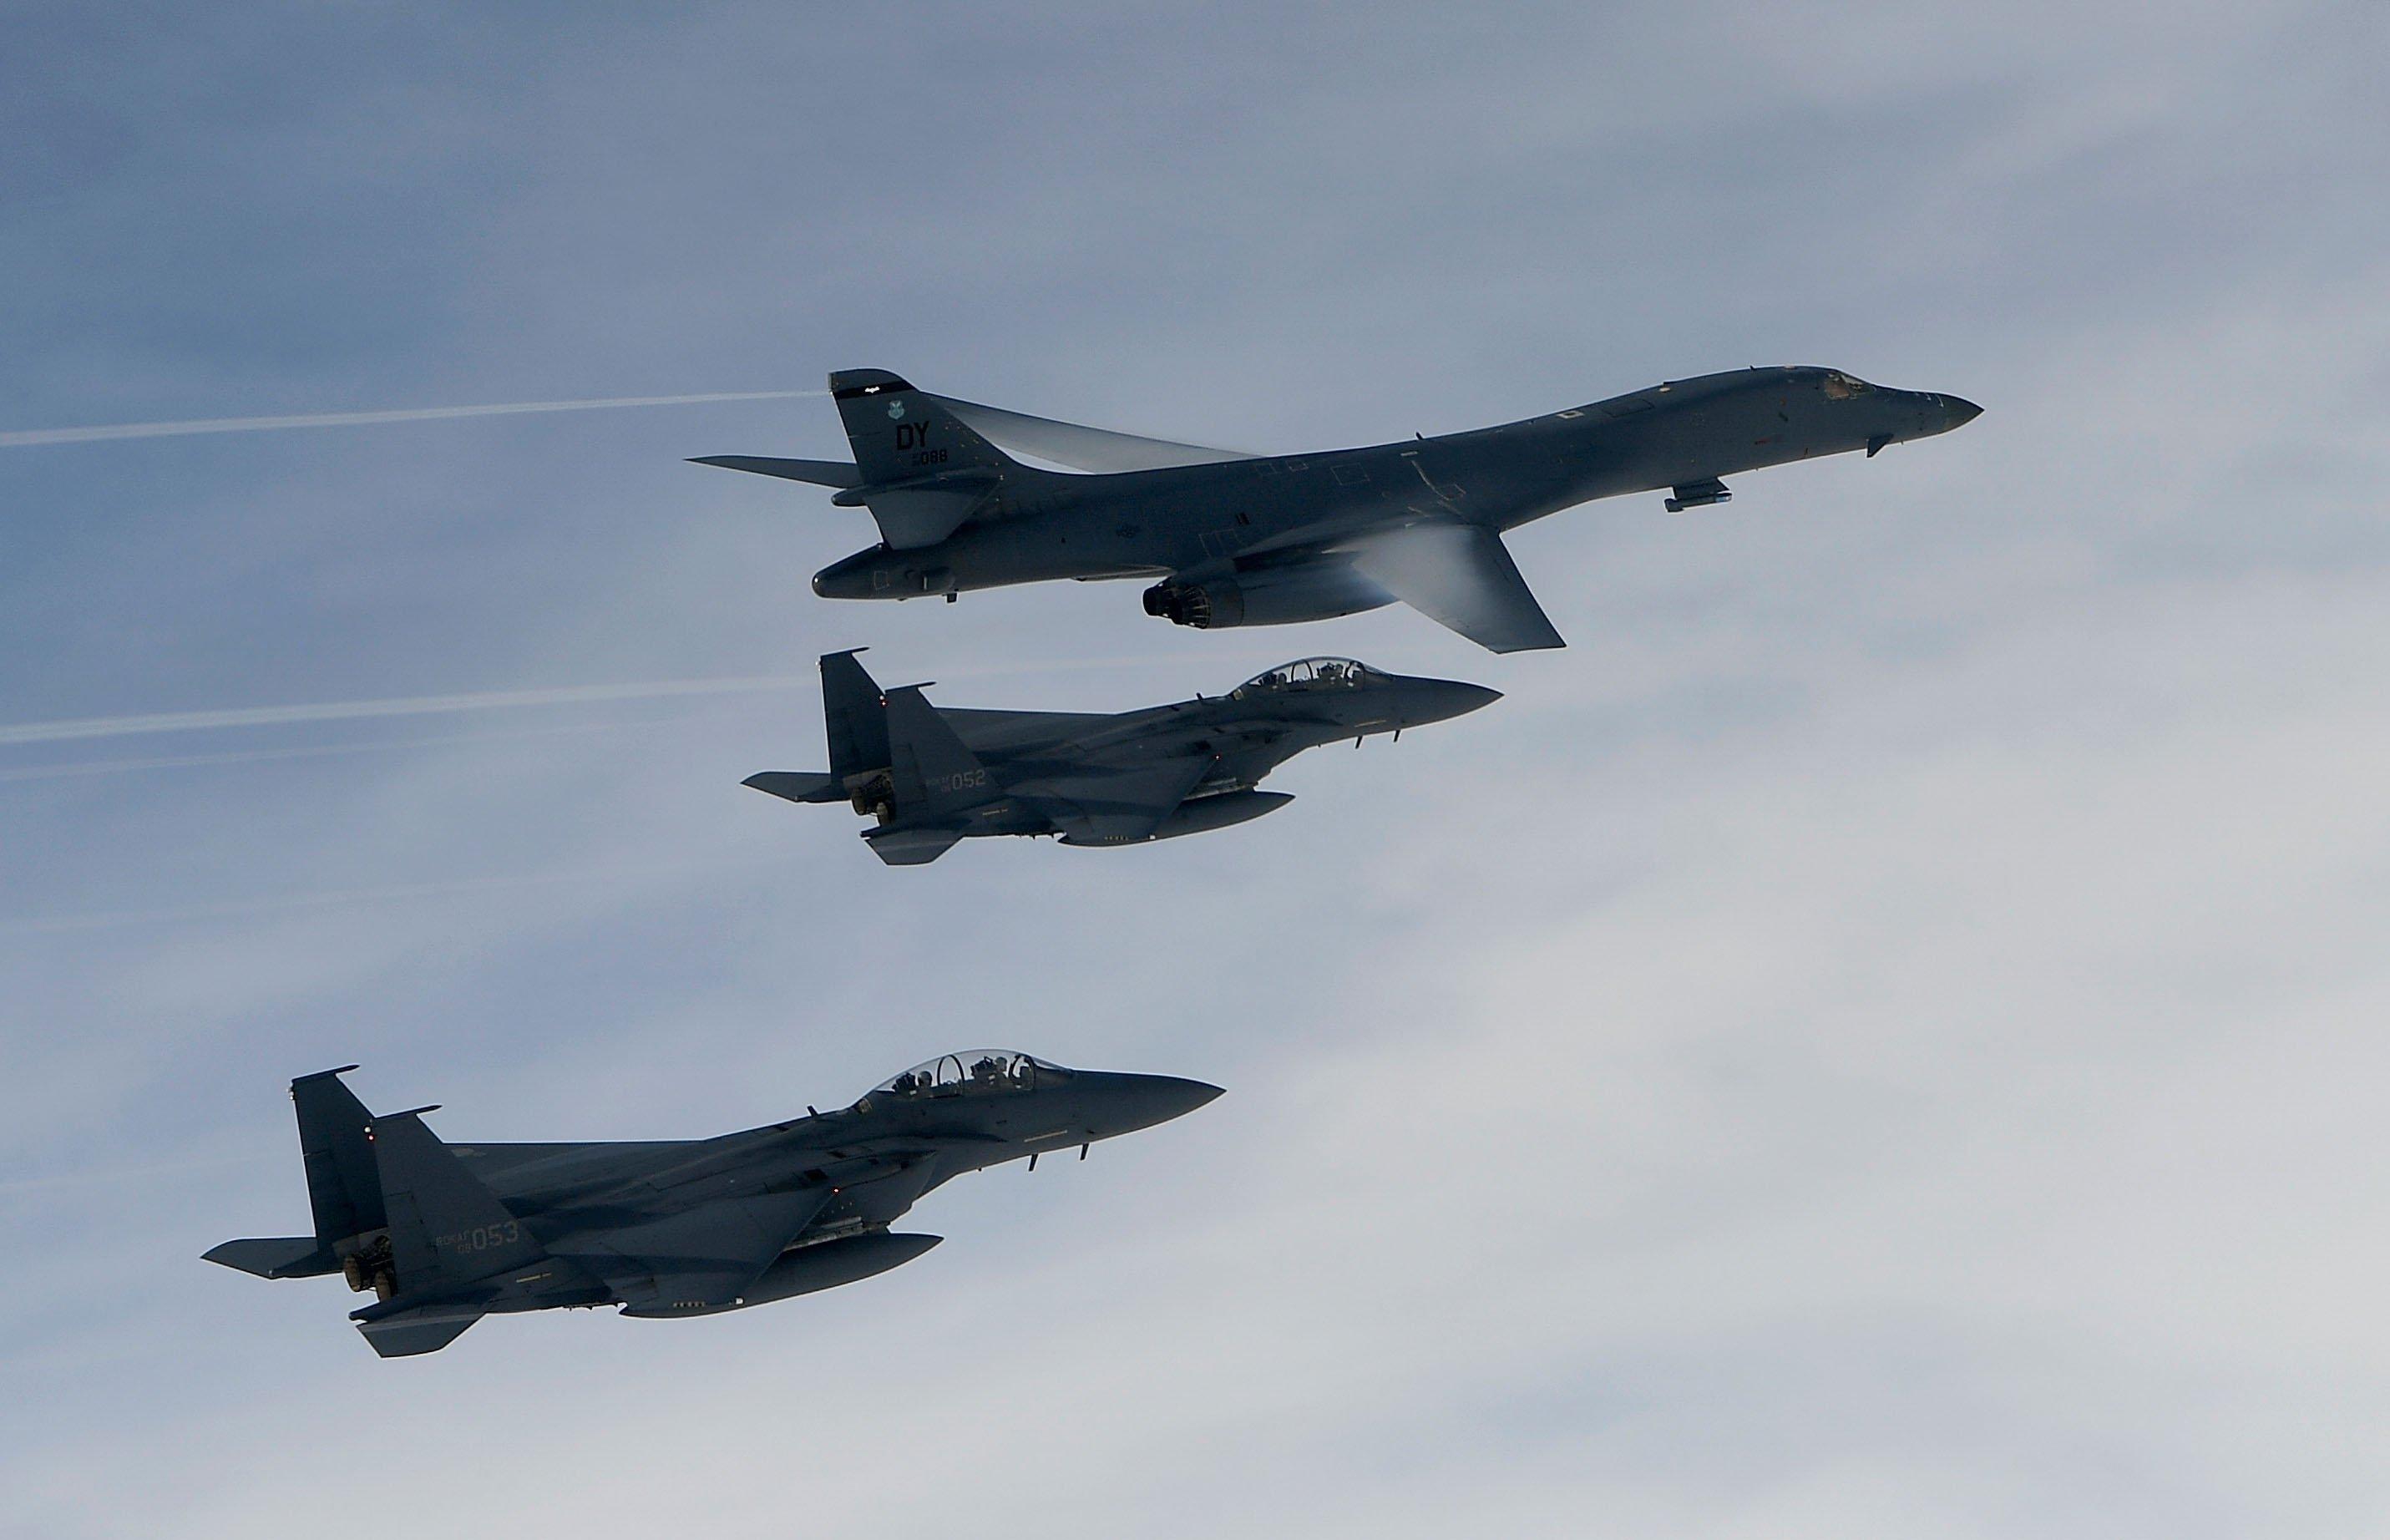 Image: B-1B Bombers